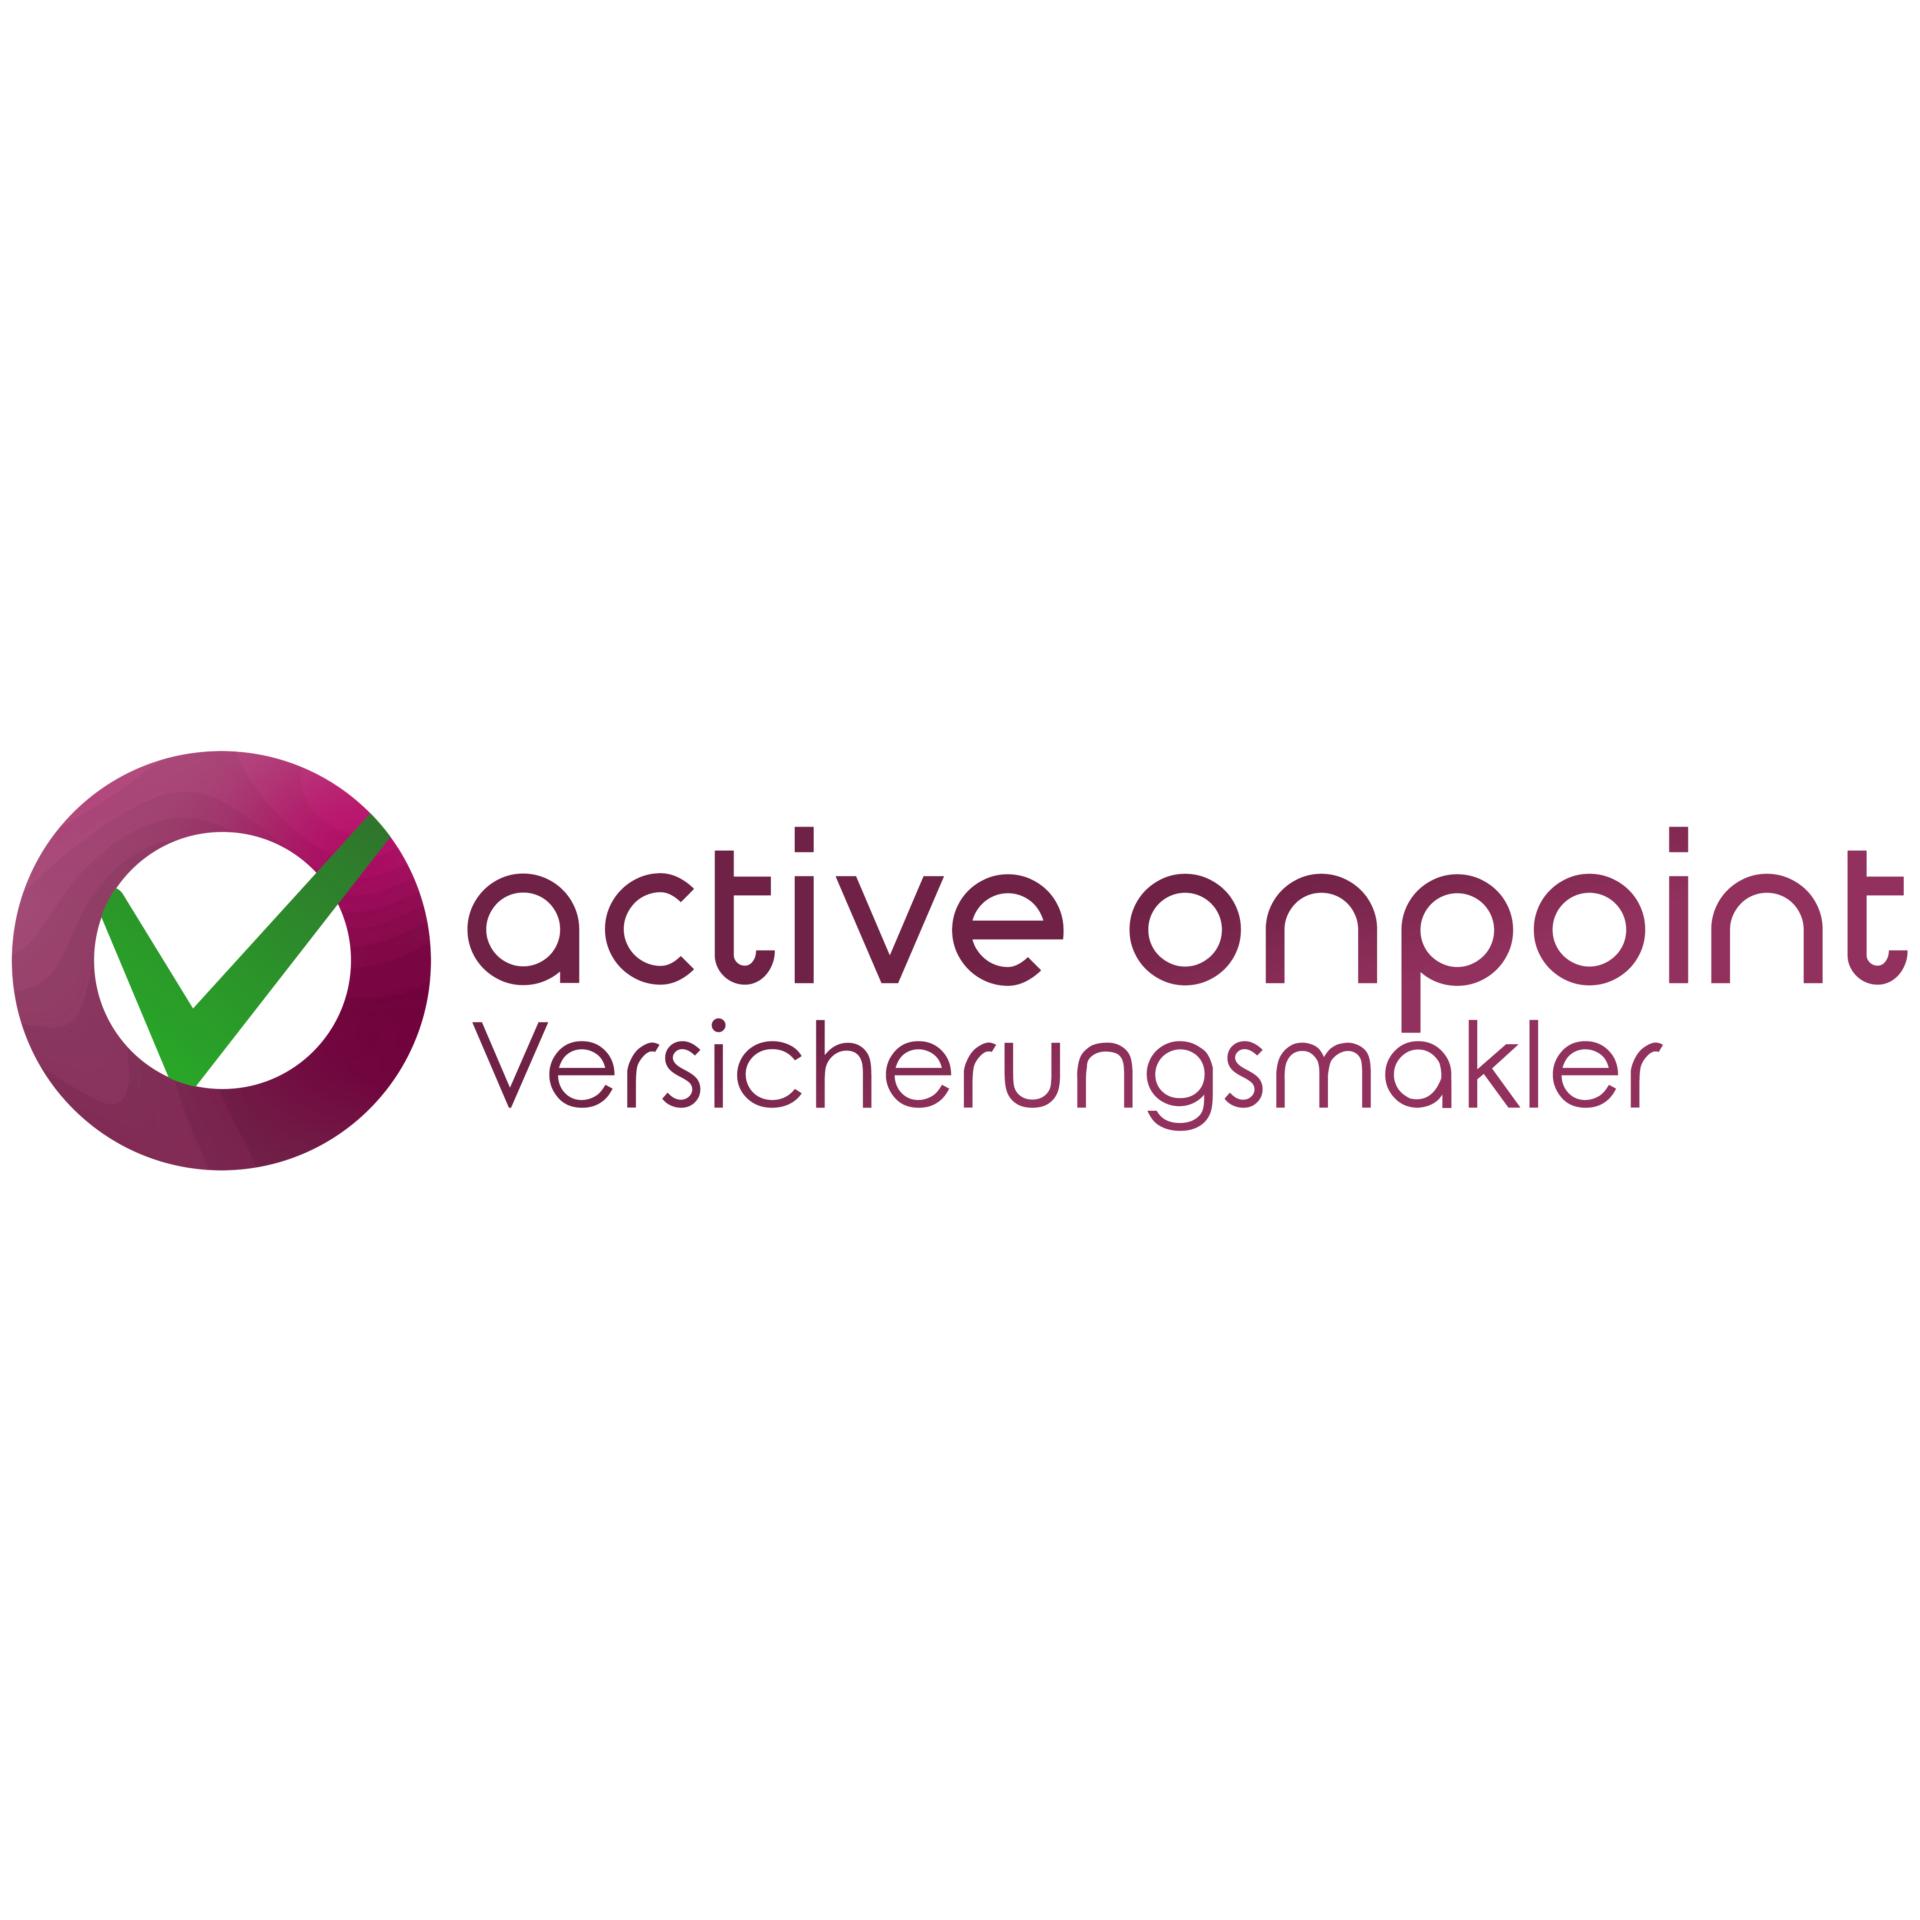 Bild zu active onpoint Versicherungsmakler in Krefeld, Tanja Lahmers in Krefeld